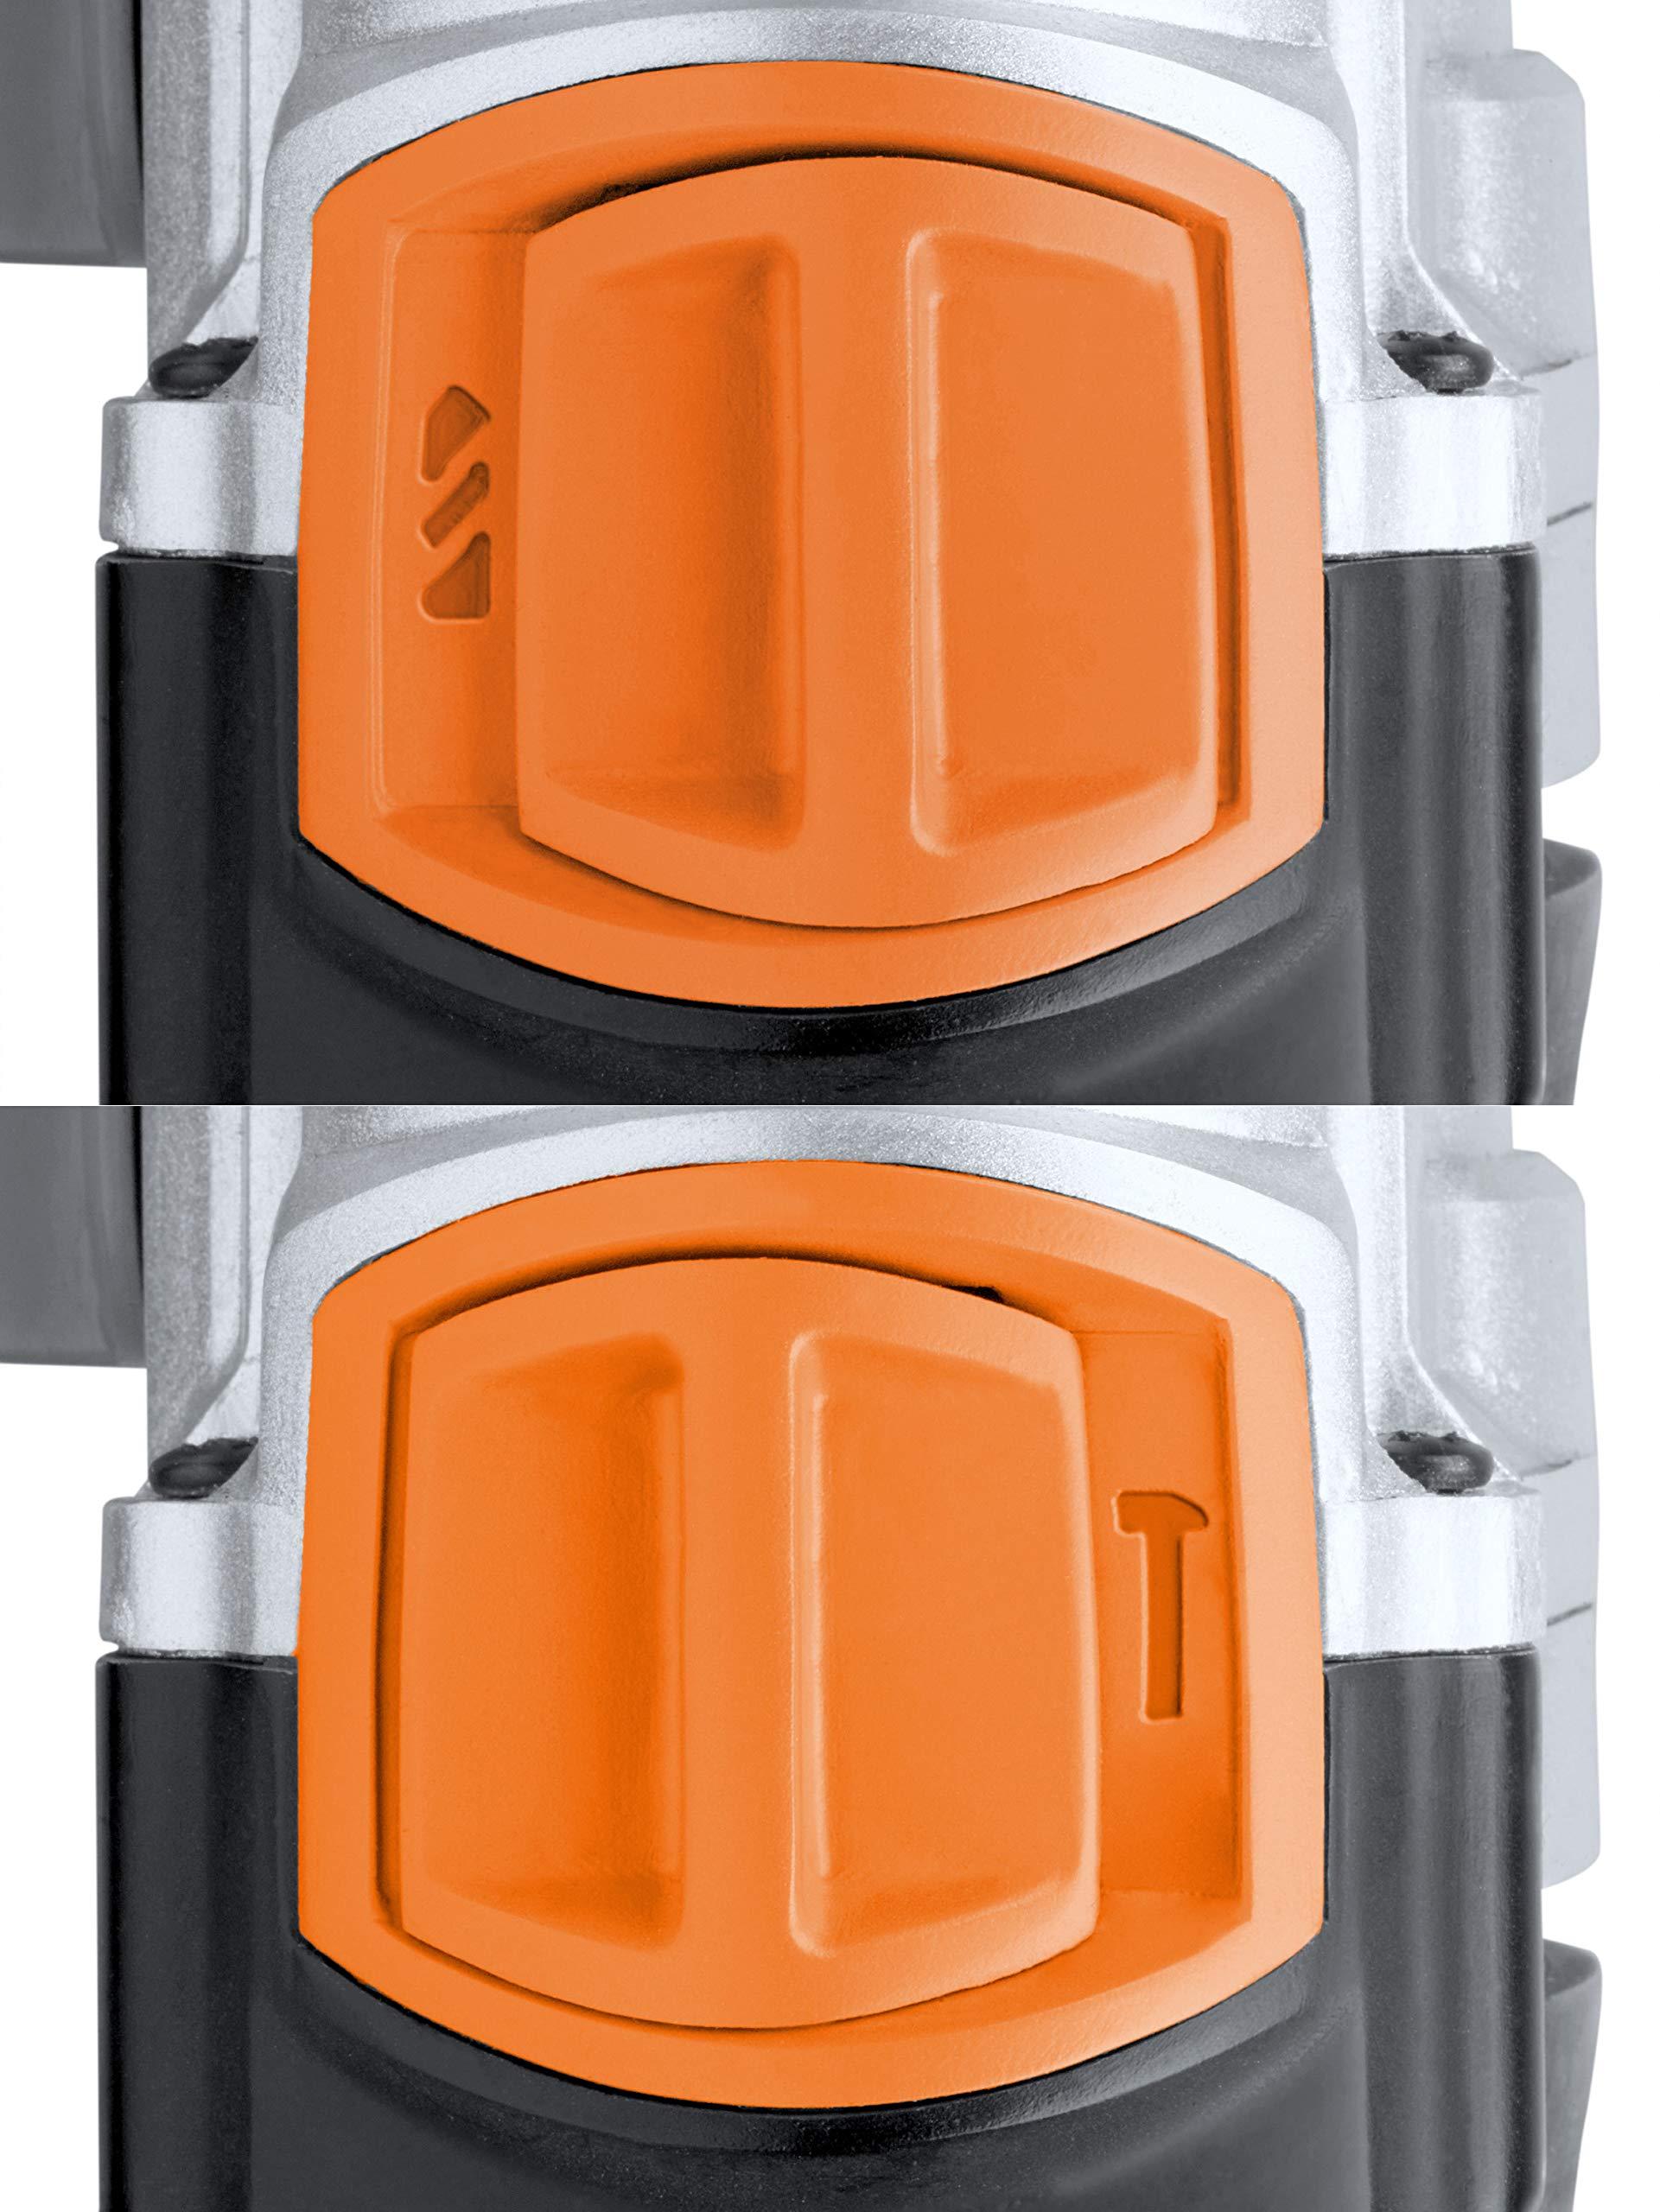 Meister-Schlagbohrmaschine-1100-W-MSB1100-2-Schnellspannbohrfutter-Drehzahl-Vorwahl-2-Gang-Getriebe-Zusatzhandgriff-Tiefenanschlag-Bohrmaschine-Schlagbohrer-fr-Beton-Metall-5452410